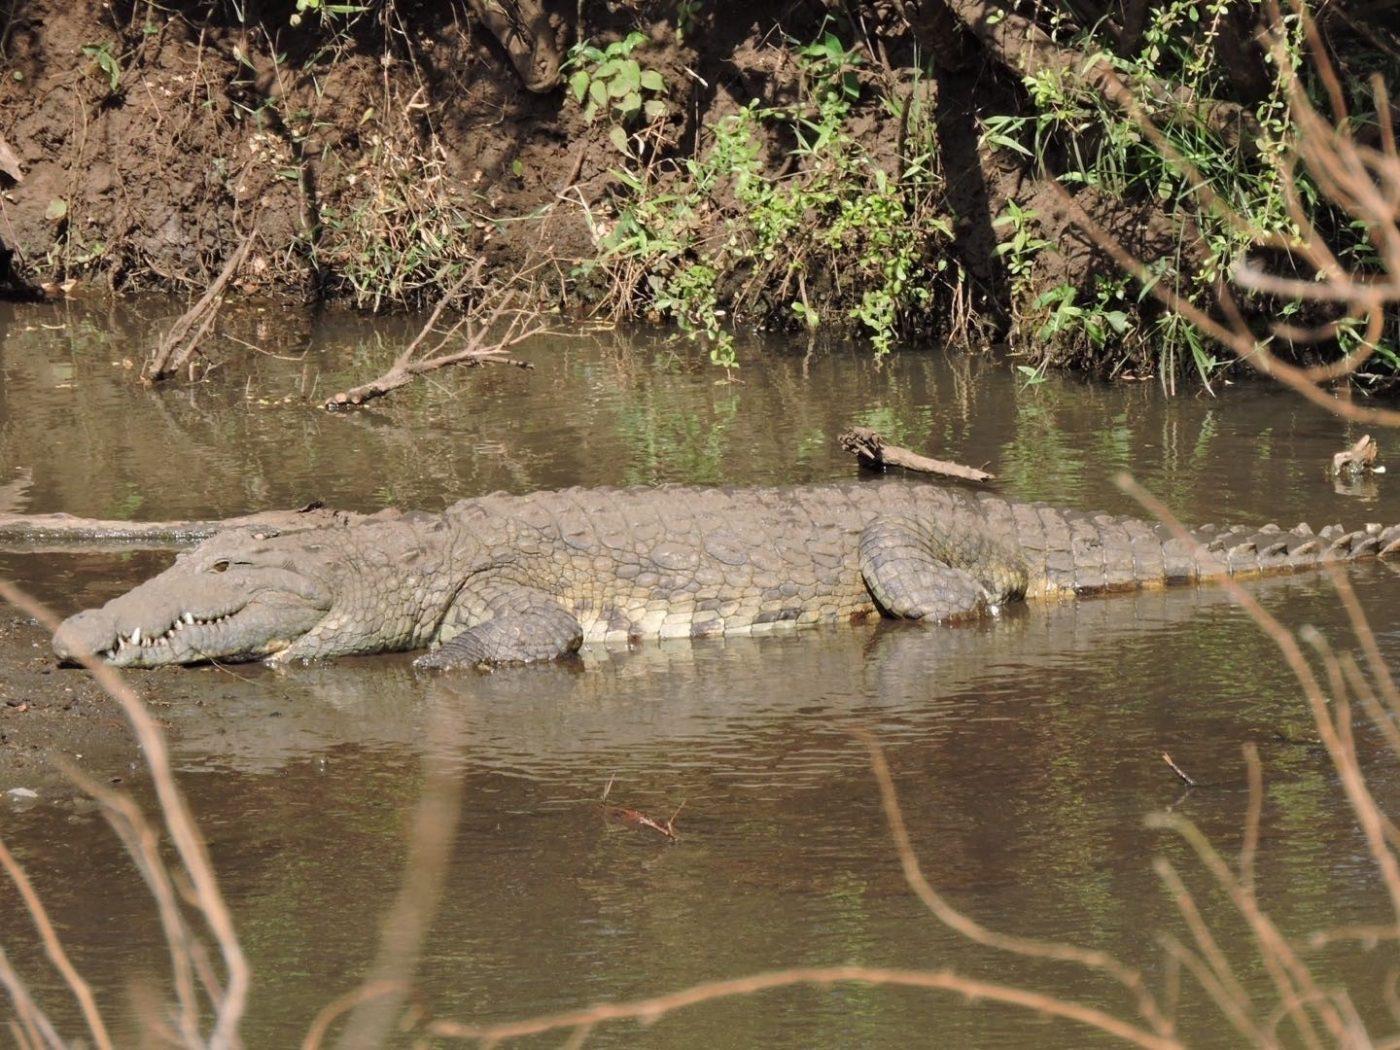 luxury wildlife experiences